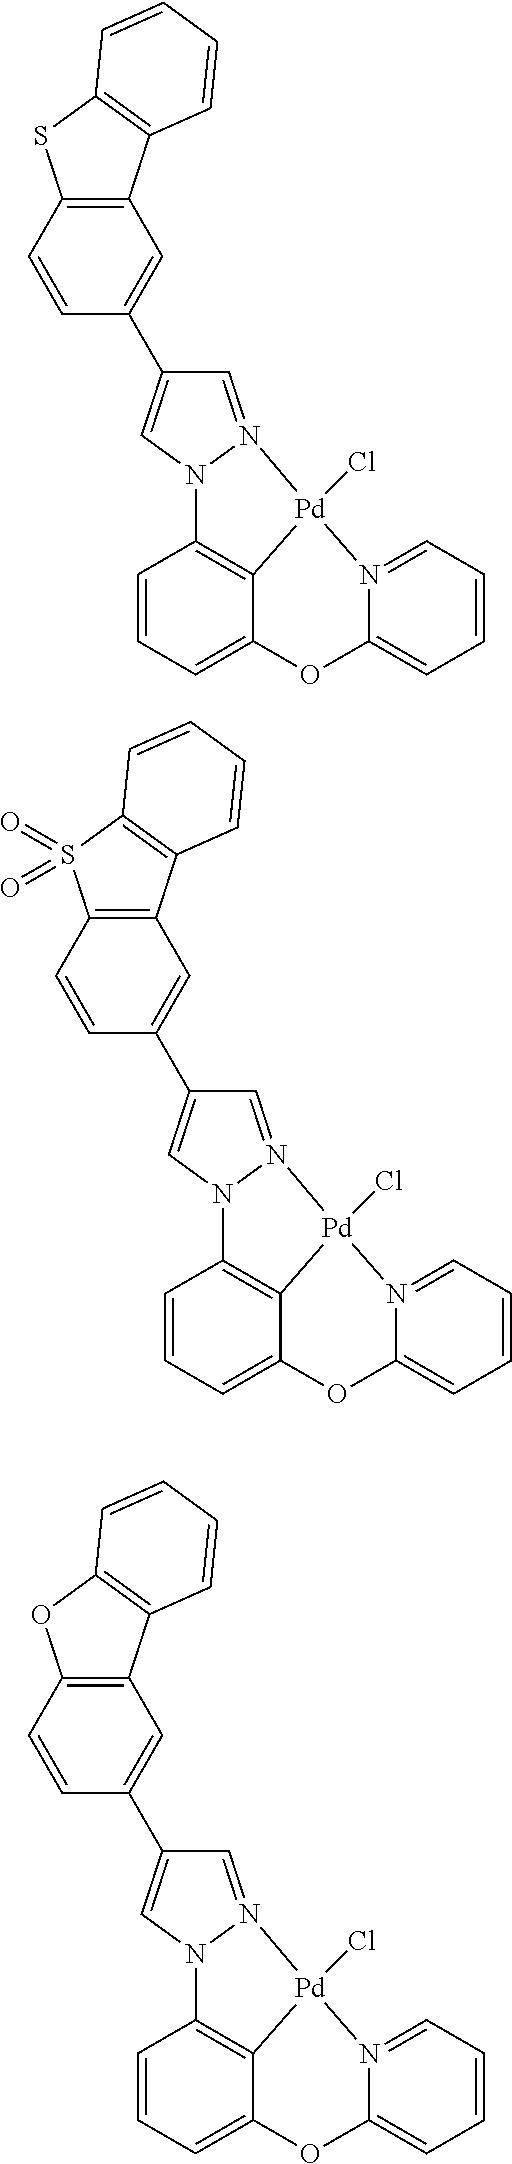 Figure US09818959-20171114-C00531